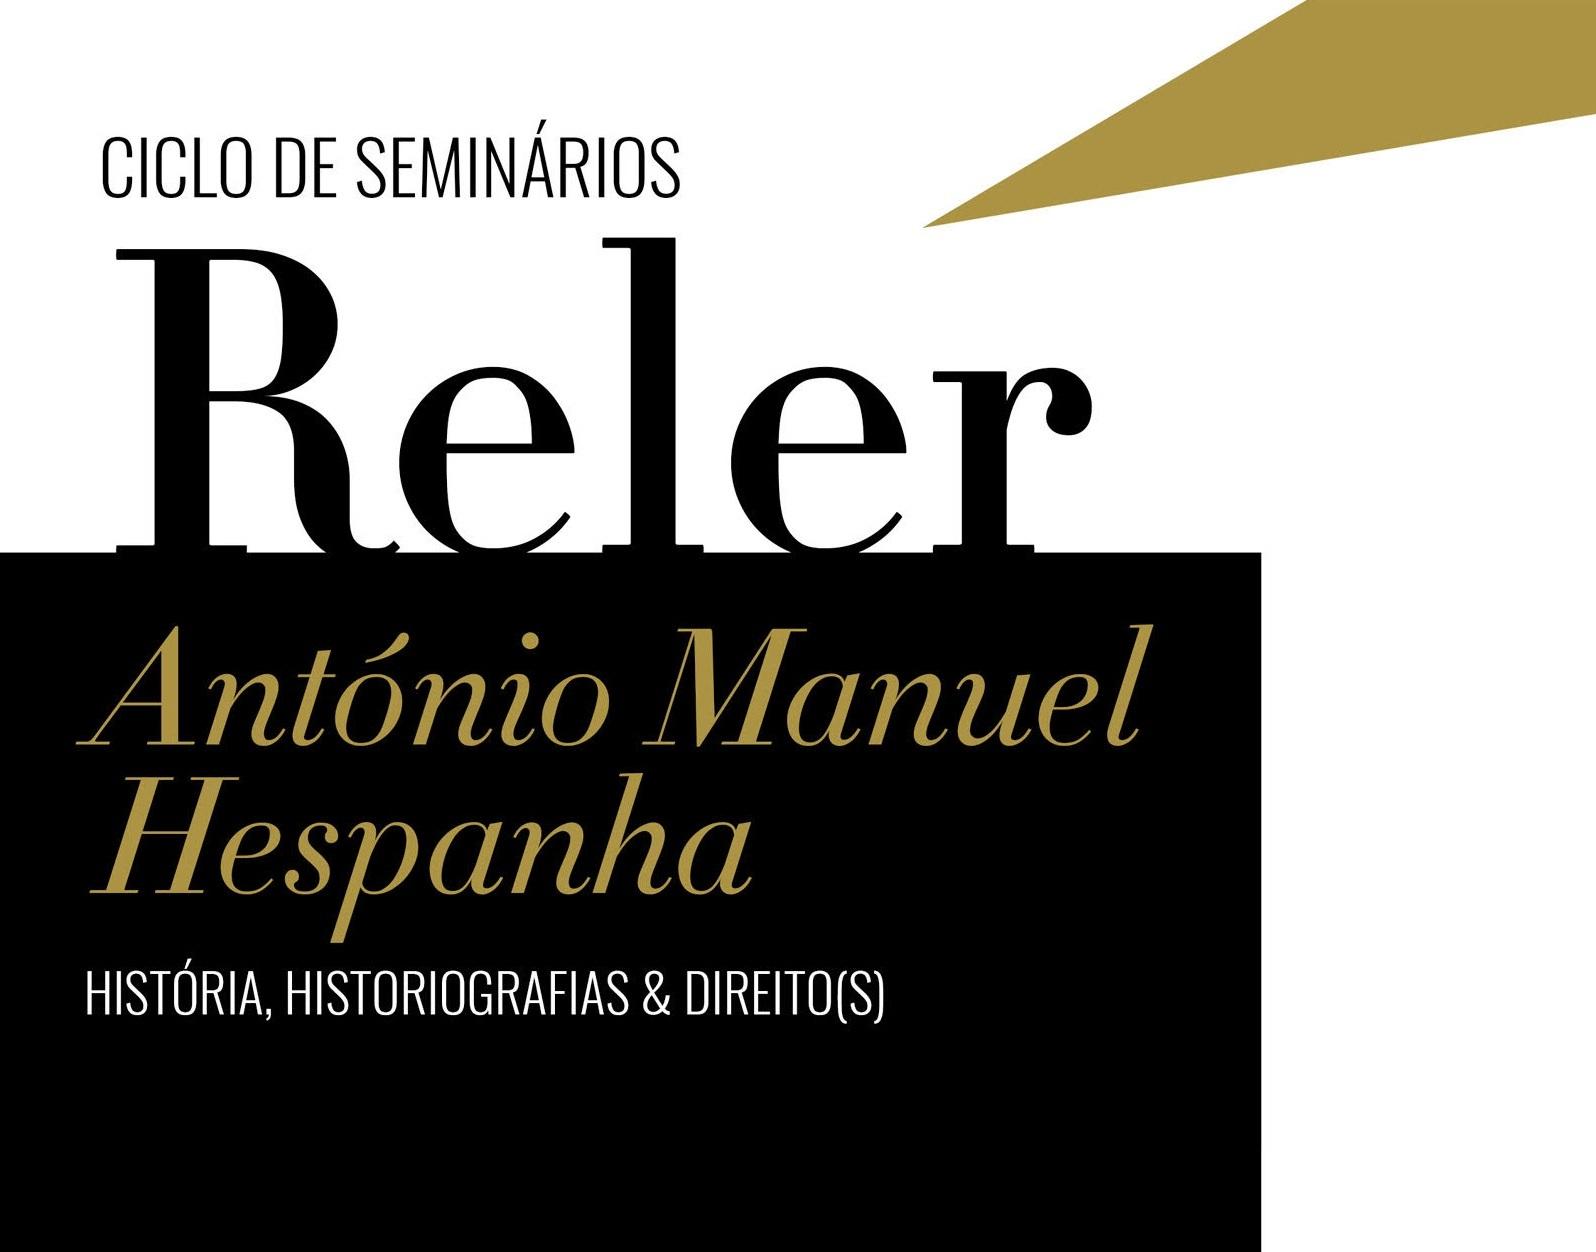 1ª Sessão Ciclo de Seminários: Reler António Manuel Hespanha [Fac. Nova Direito]